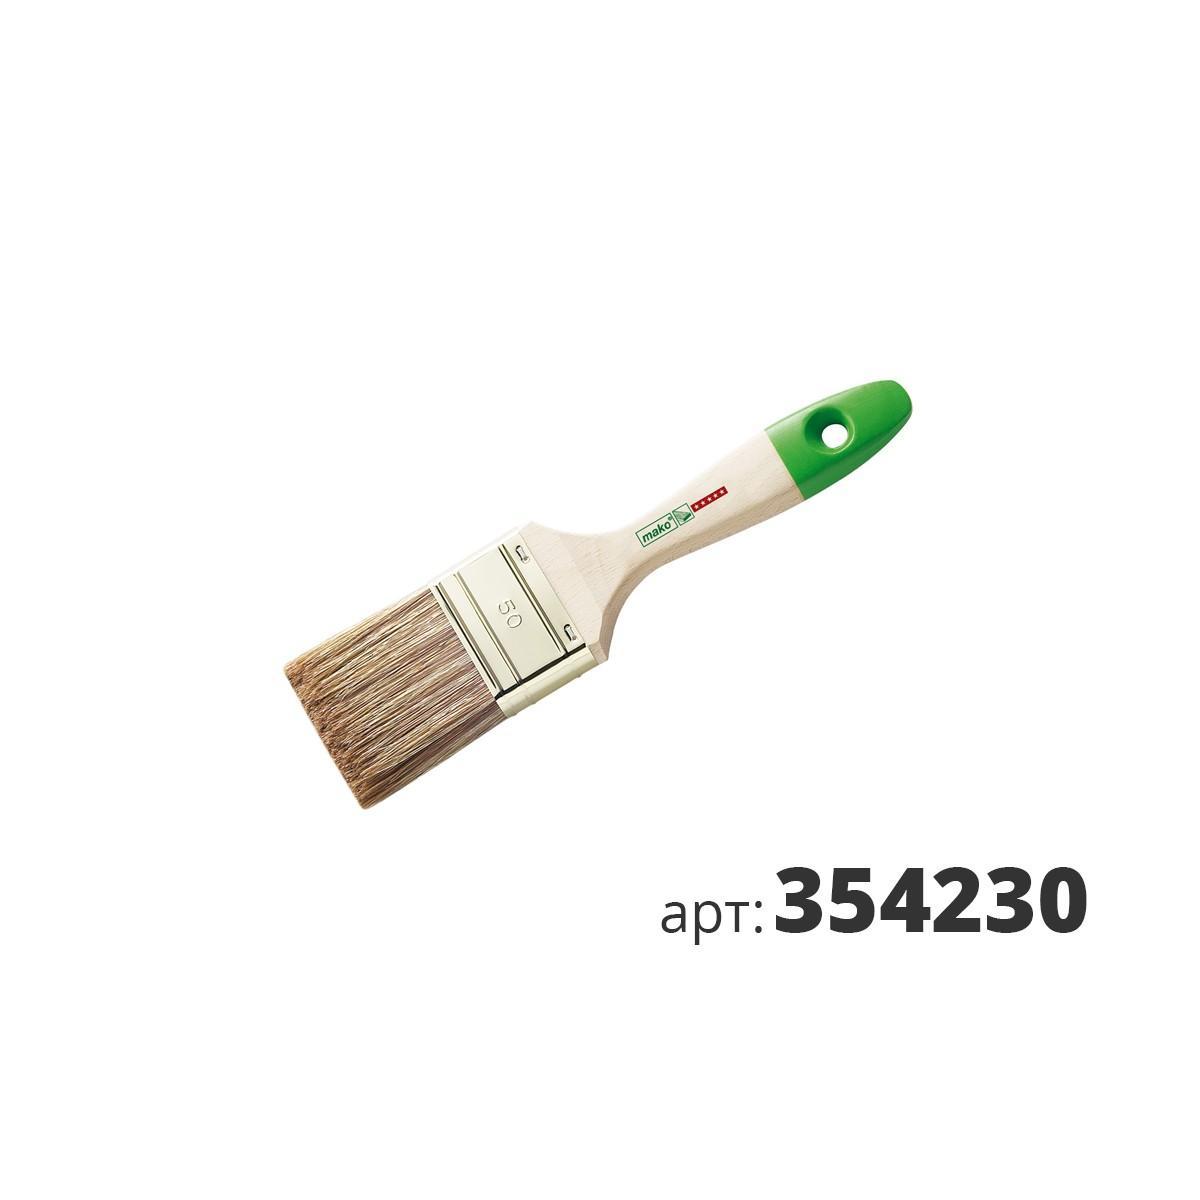 МАКО кисть флейцевая, смесь полиэстер (Hollester) и натуральной щетины 354230